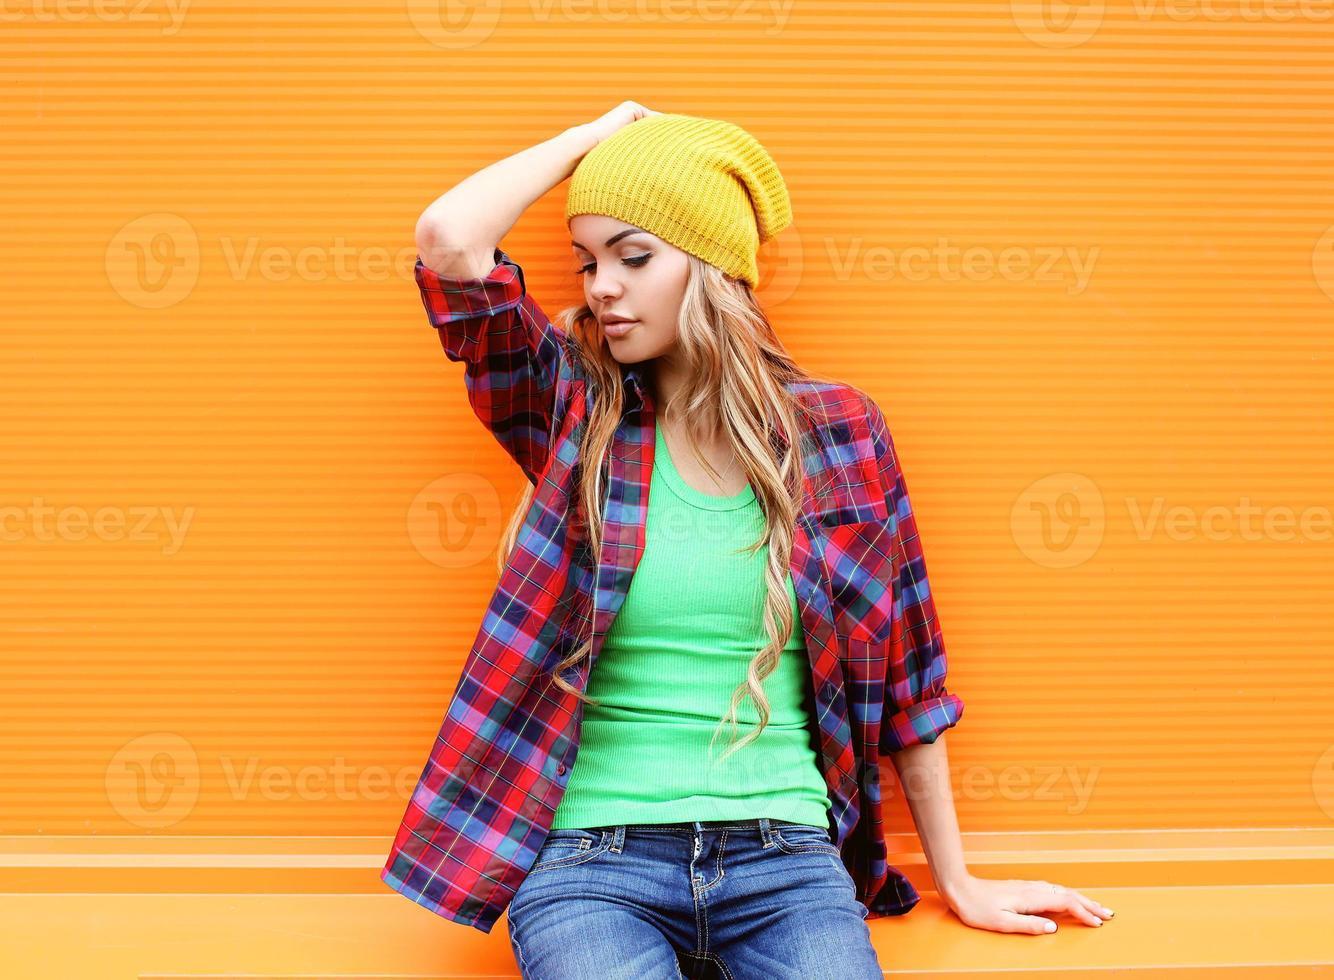 portrait de jolie blonde femme posant dans la ville photo